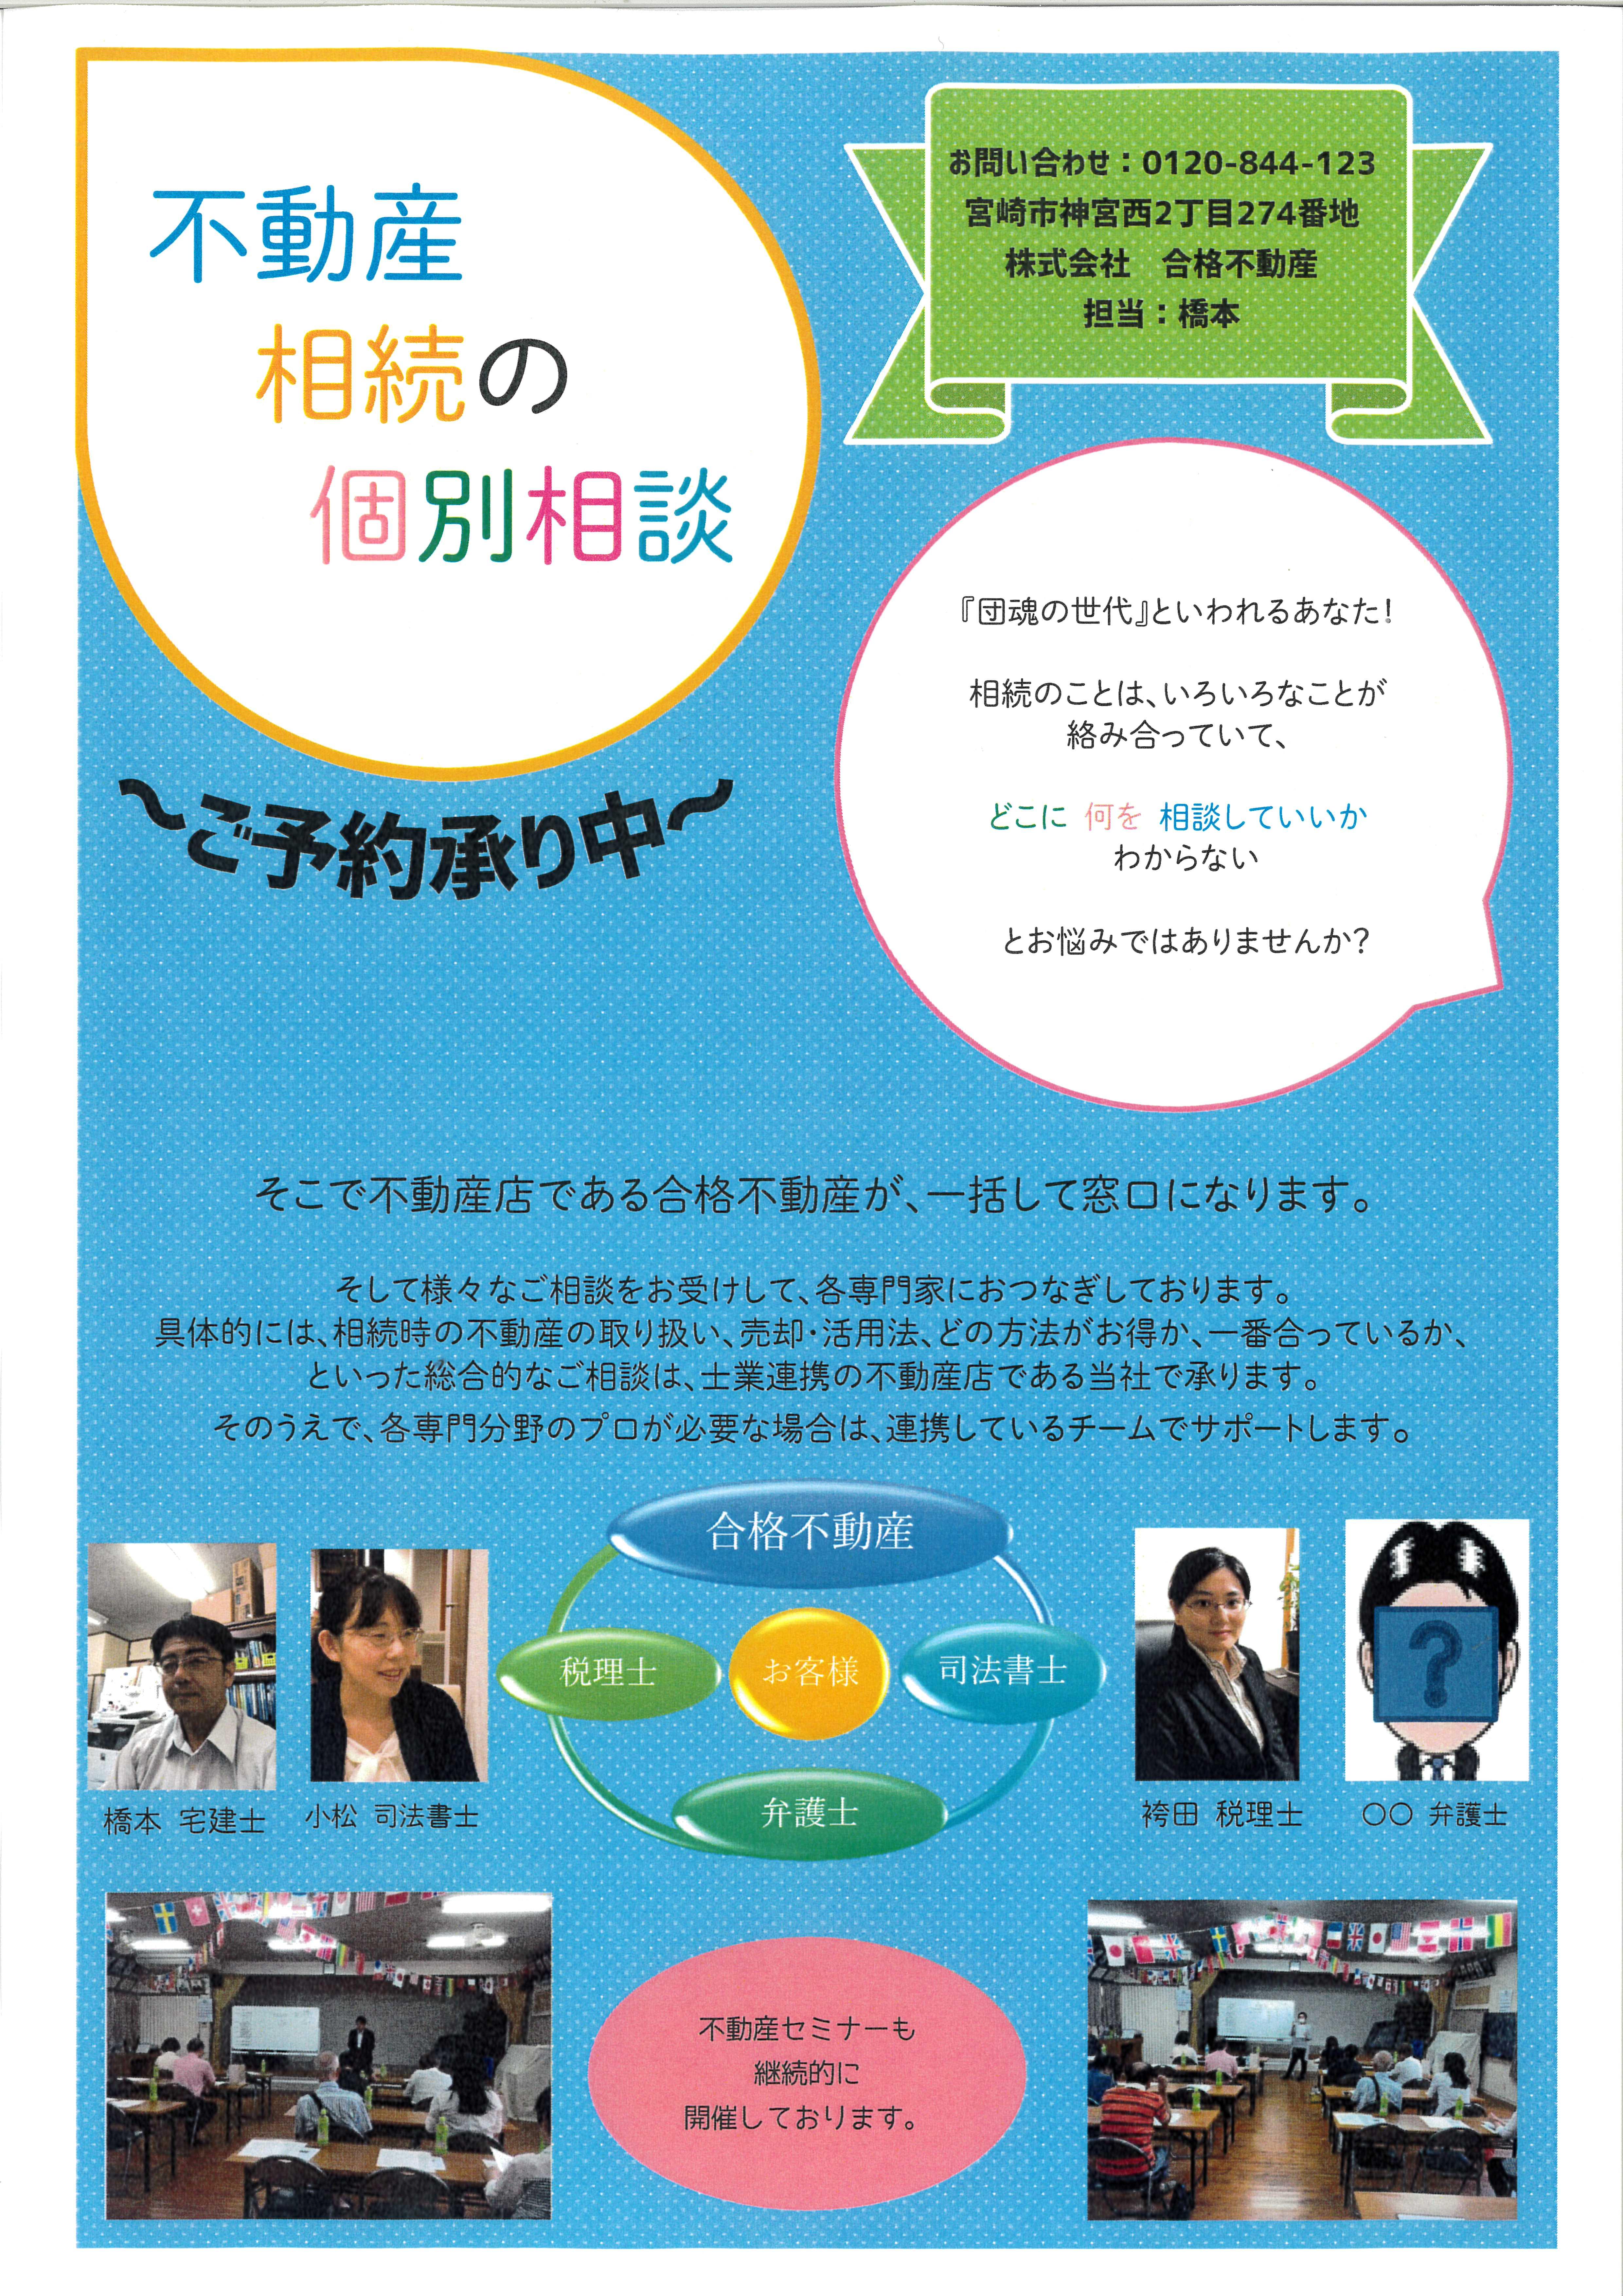 info@gokaku-fudosan.co.jp_20200319_134020_0001